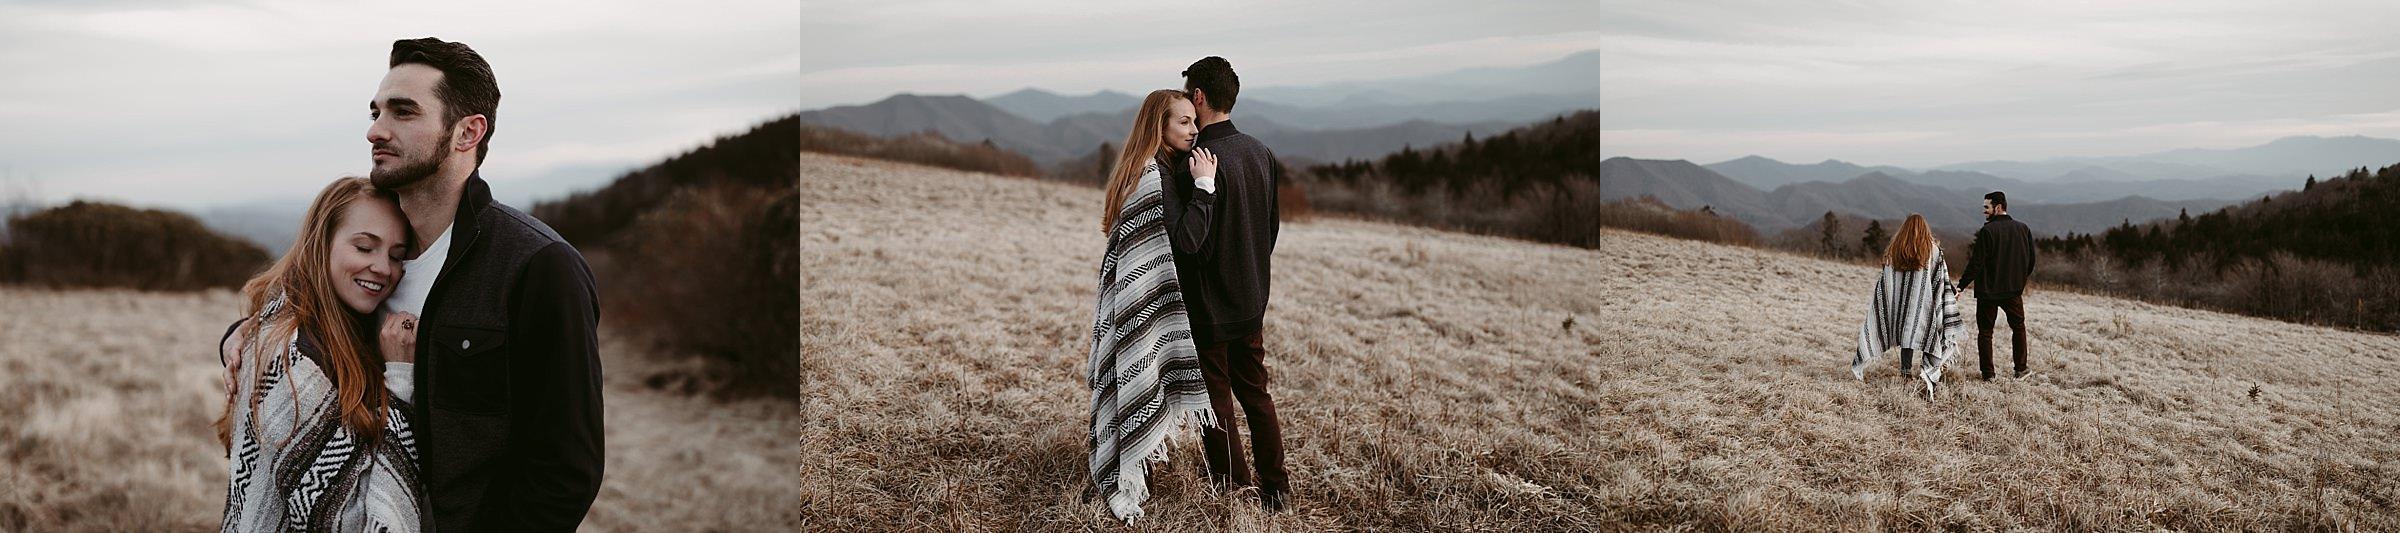 rocky_mountain_park_co_elopement_photographer_0036.jpg